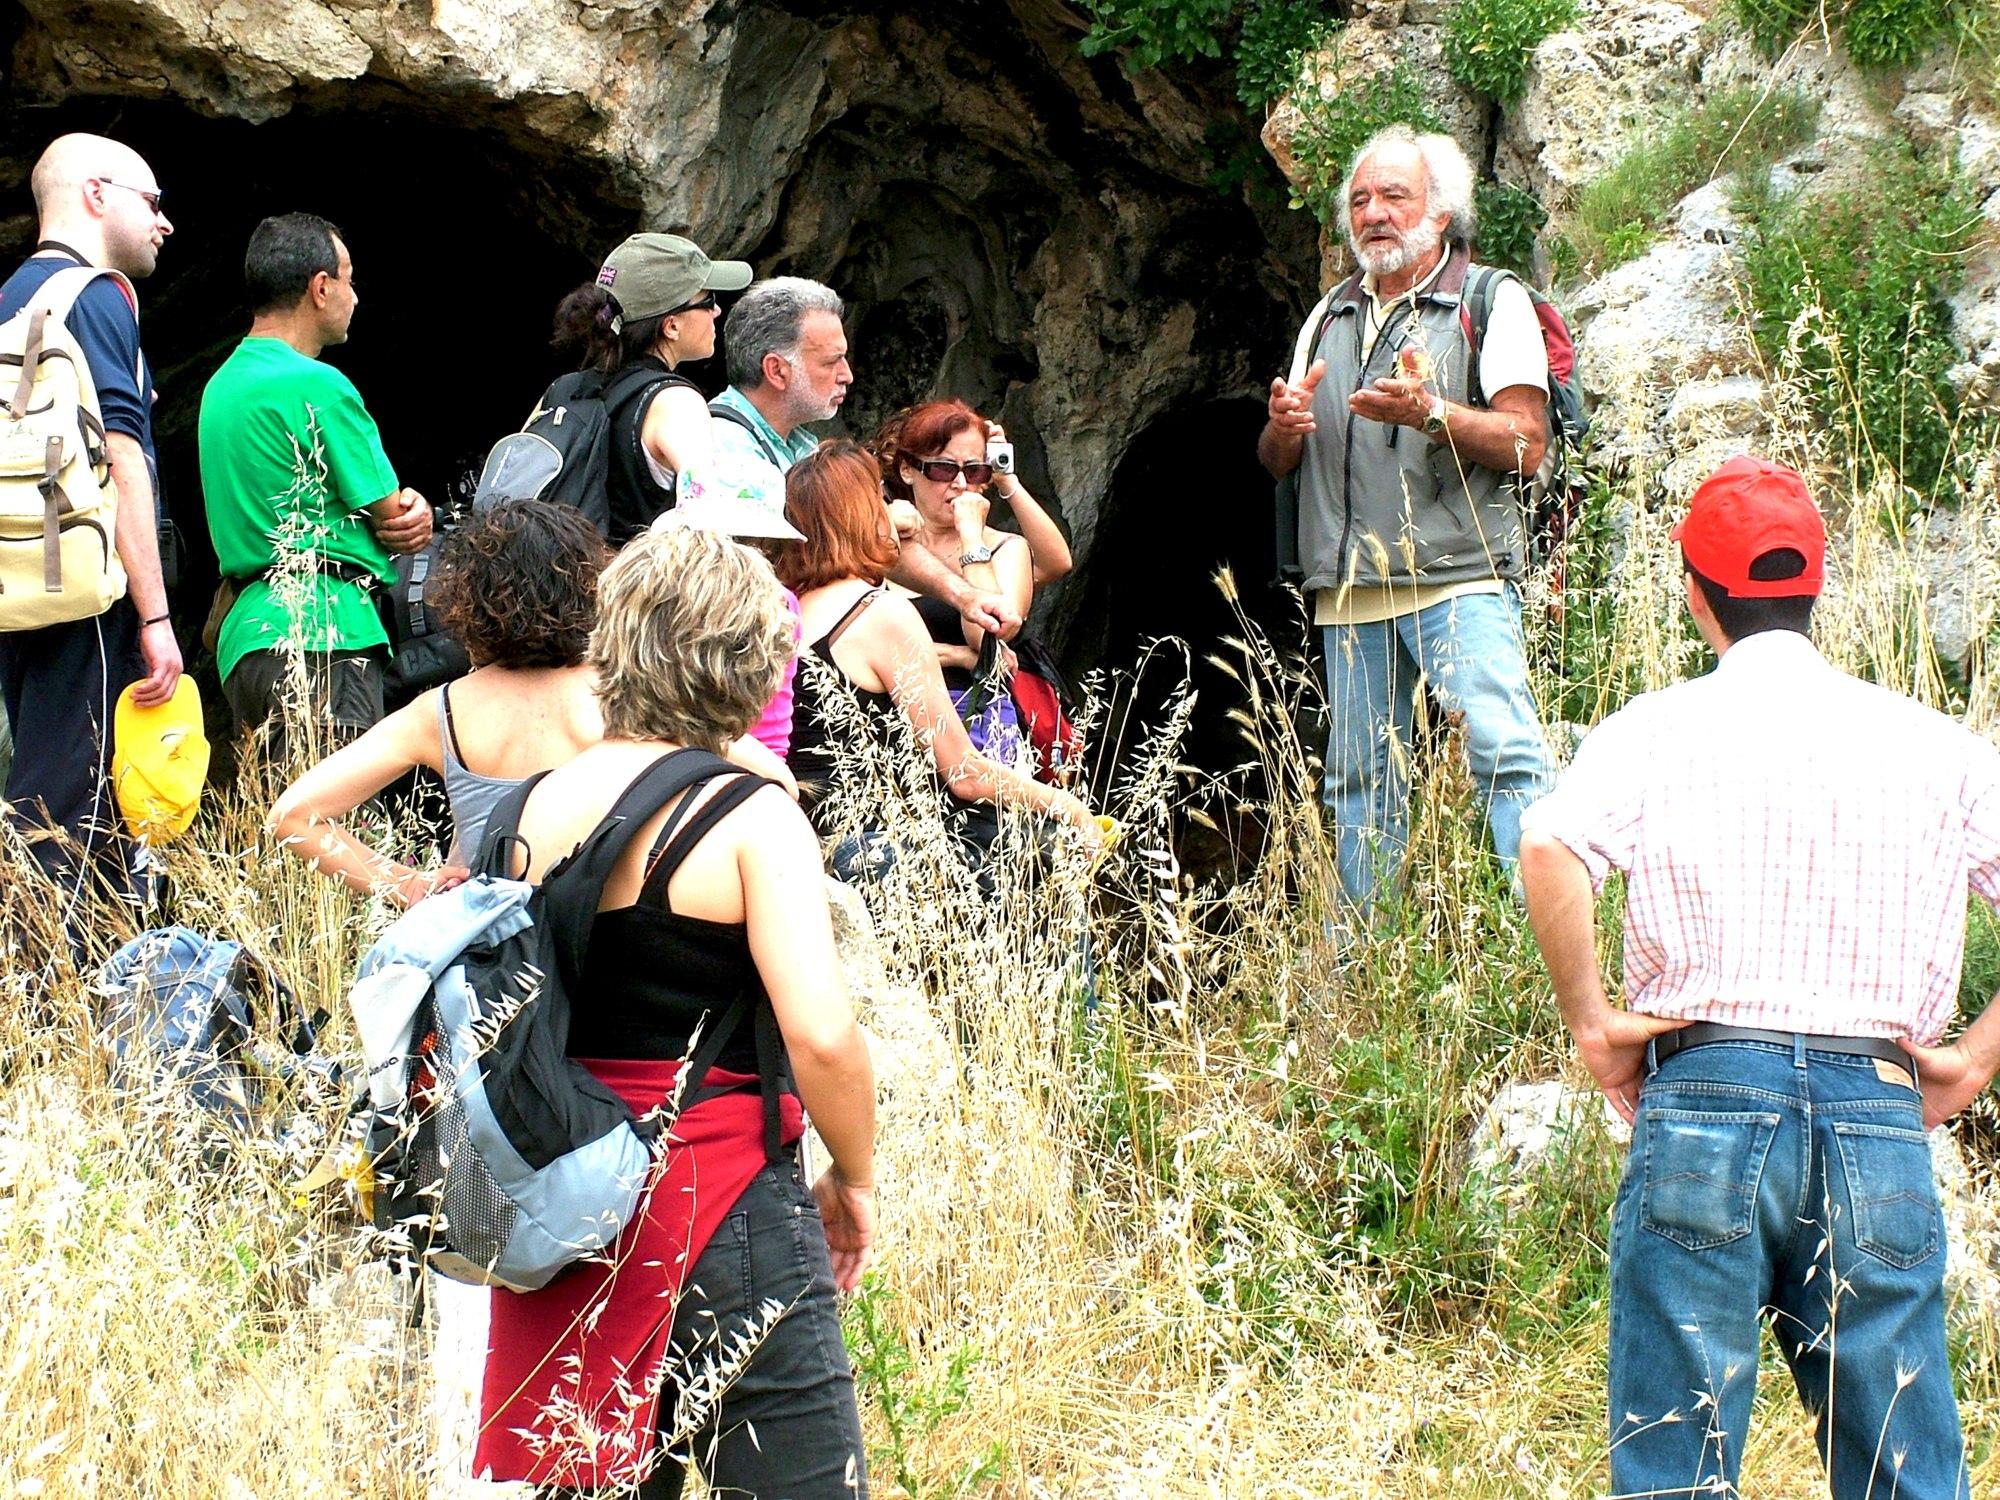 Grotta sul percorso del 40° parallelo  | Ezio Sarcinella